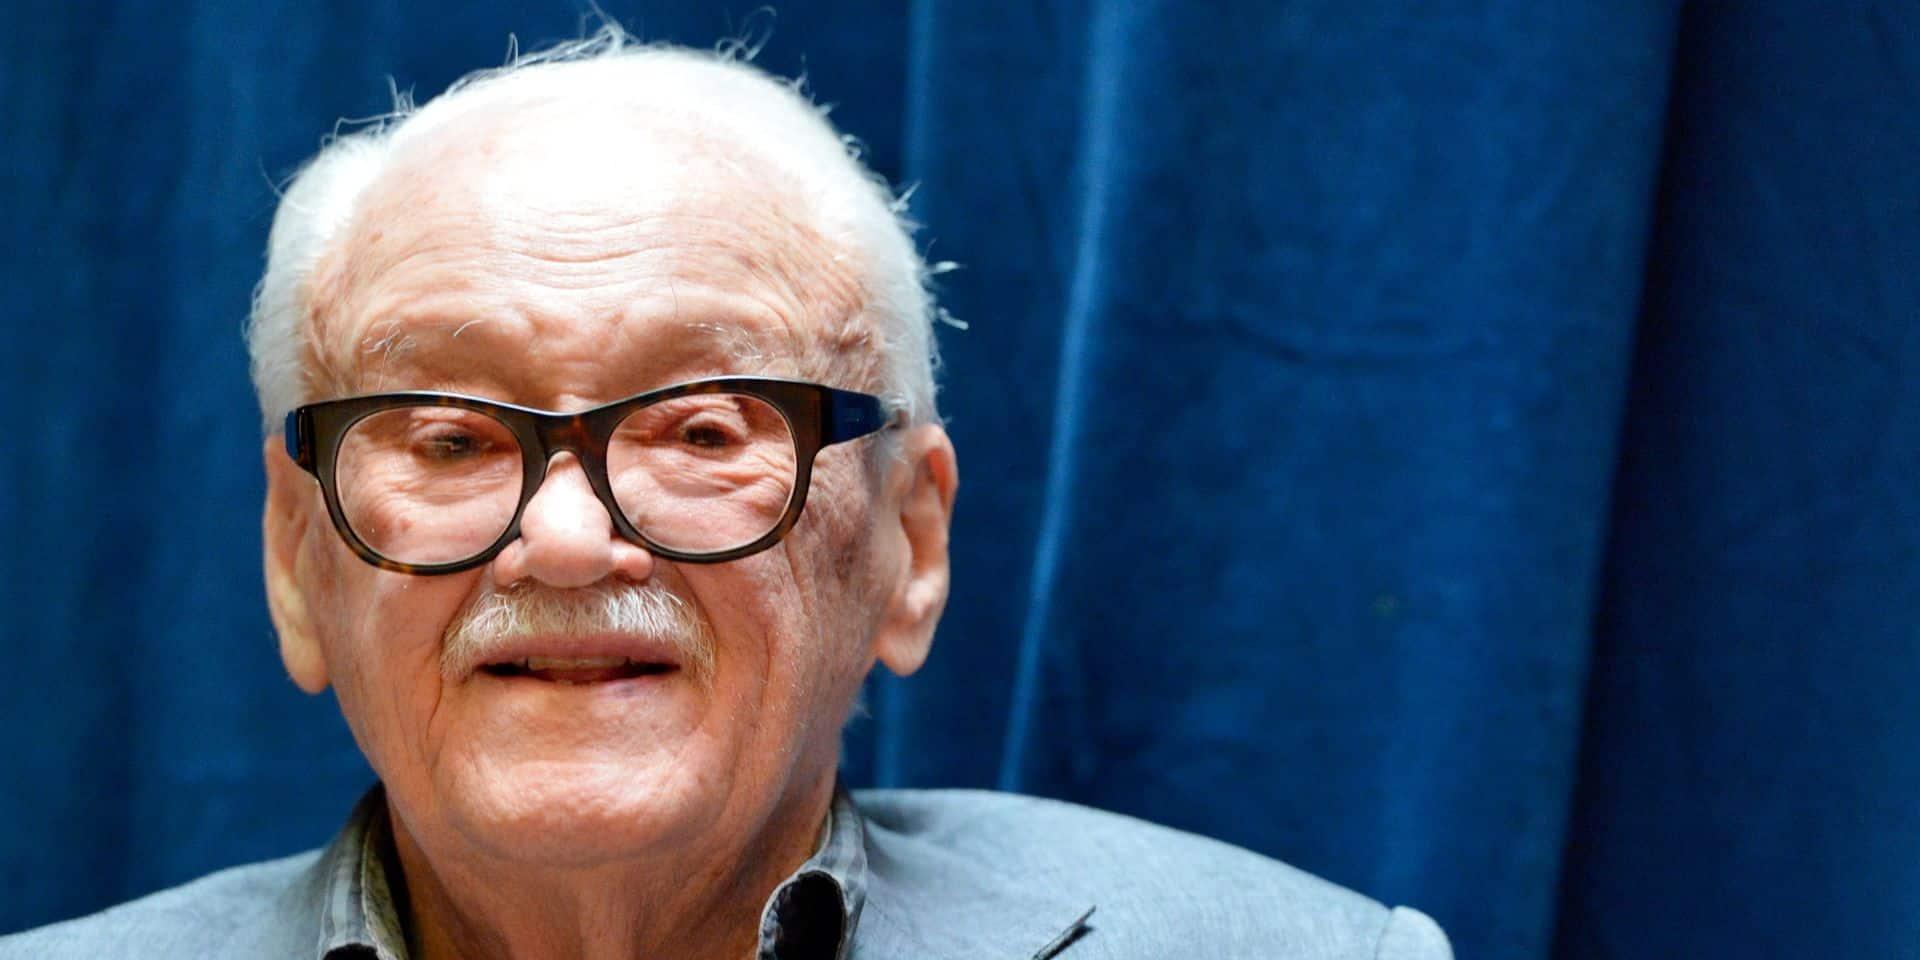 Les festivités du centenaire de Toots Thielemans dévoilées pour ses 99 ans